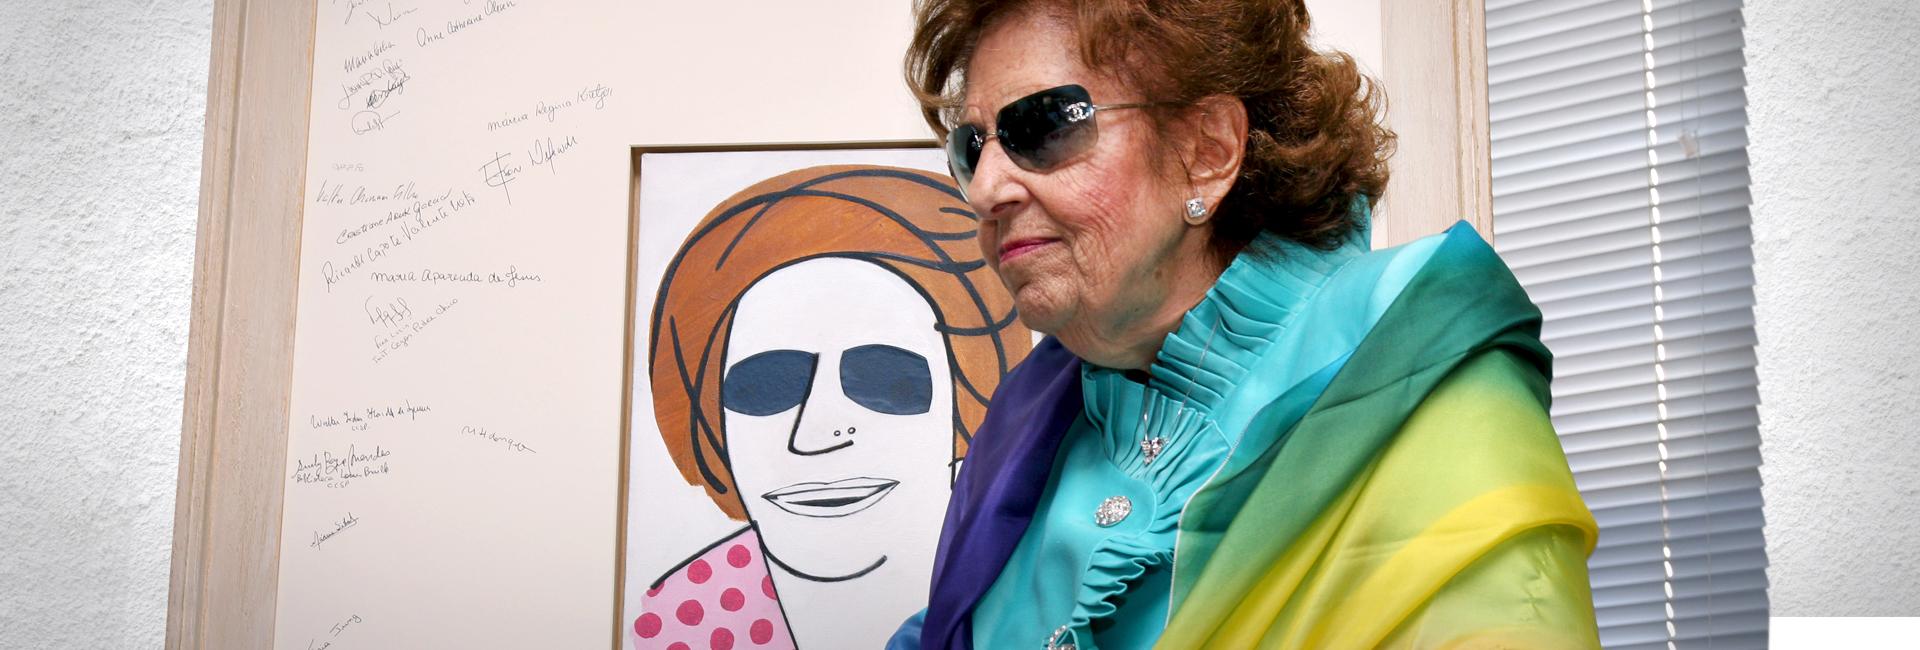 Foto de Dorina Nowill em frente a um quadro feito em sua homenagem. No quadro há uma caricatura sua e em volta a assinatura de entes queridos.